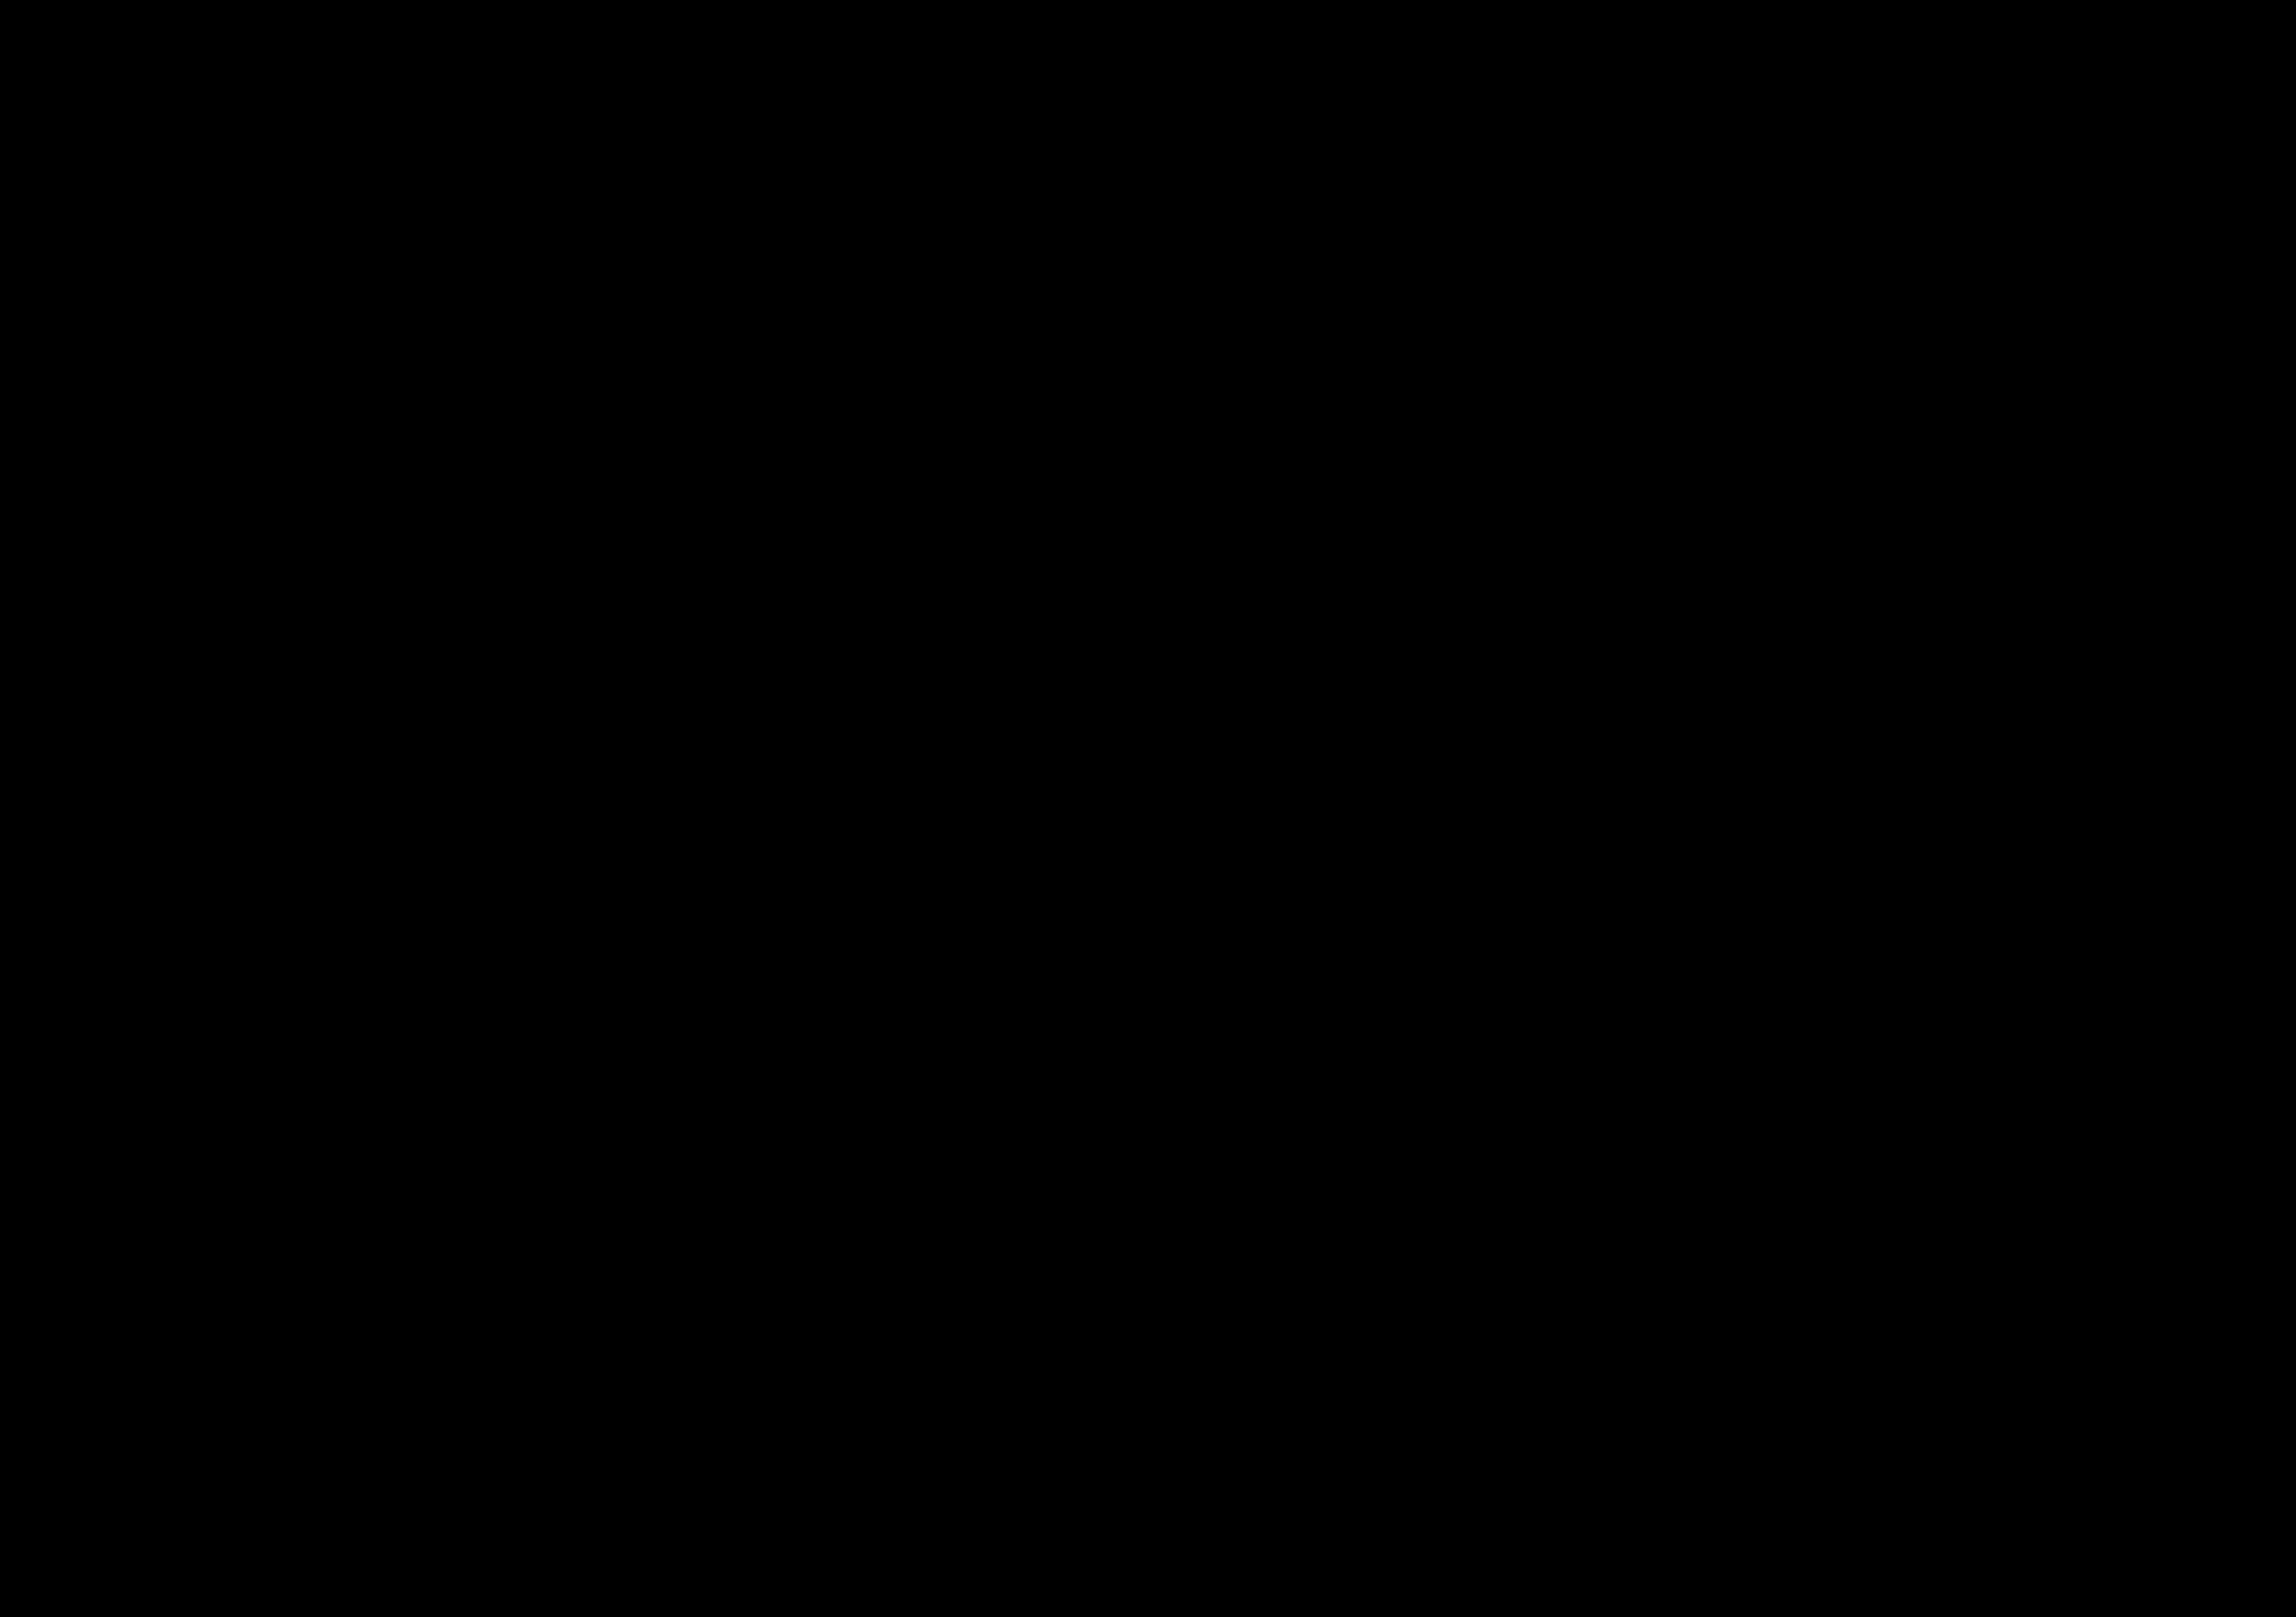 9 мая открытка к дню победы для детей Раскраски для мальчиков